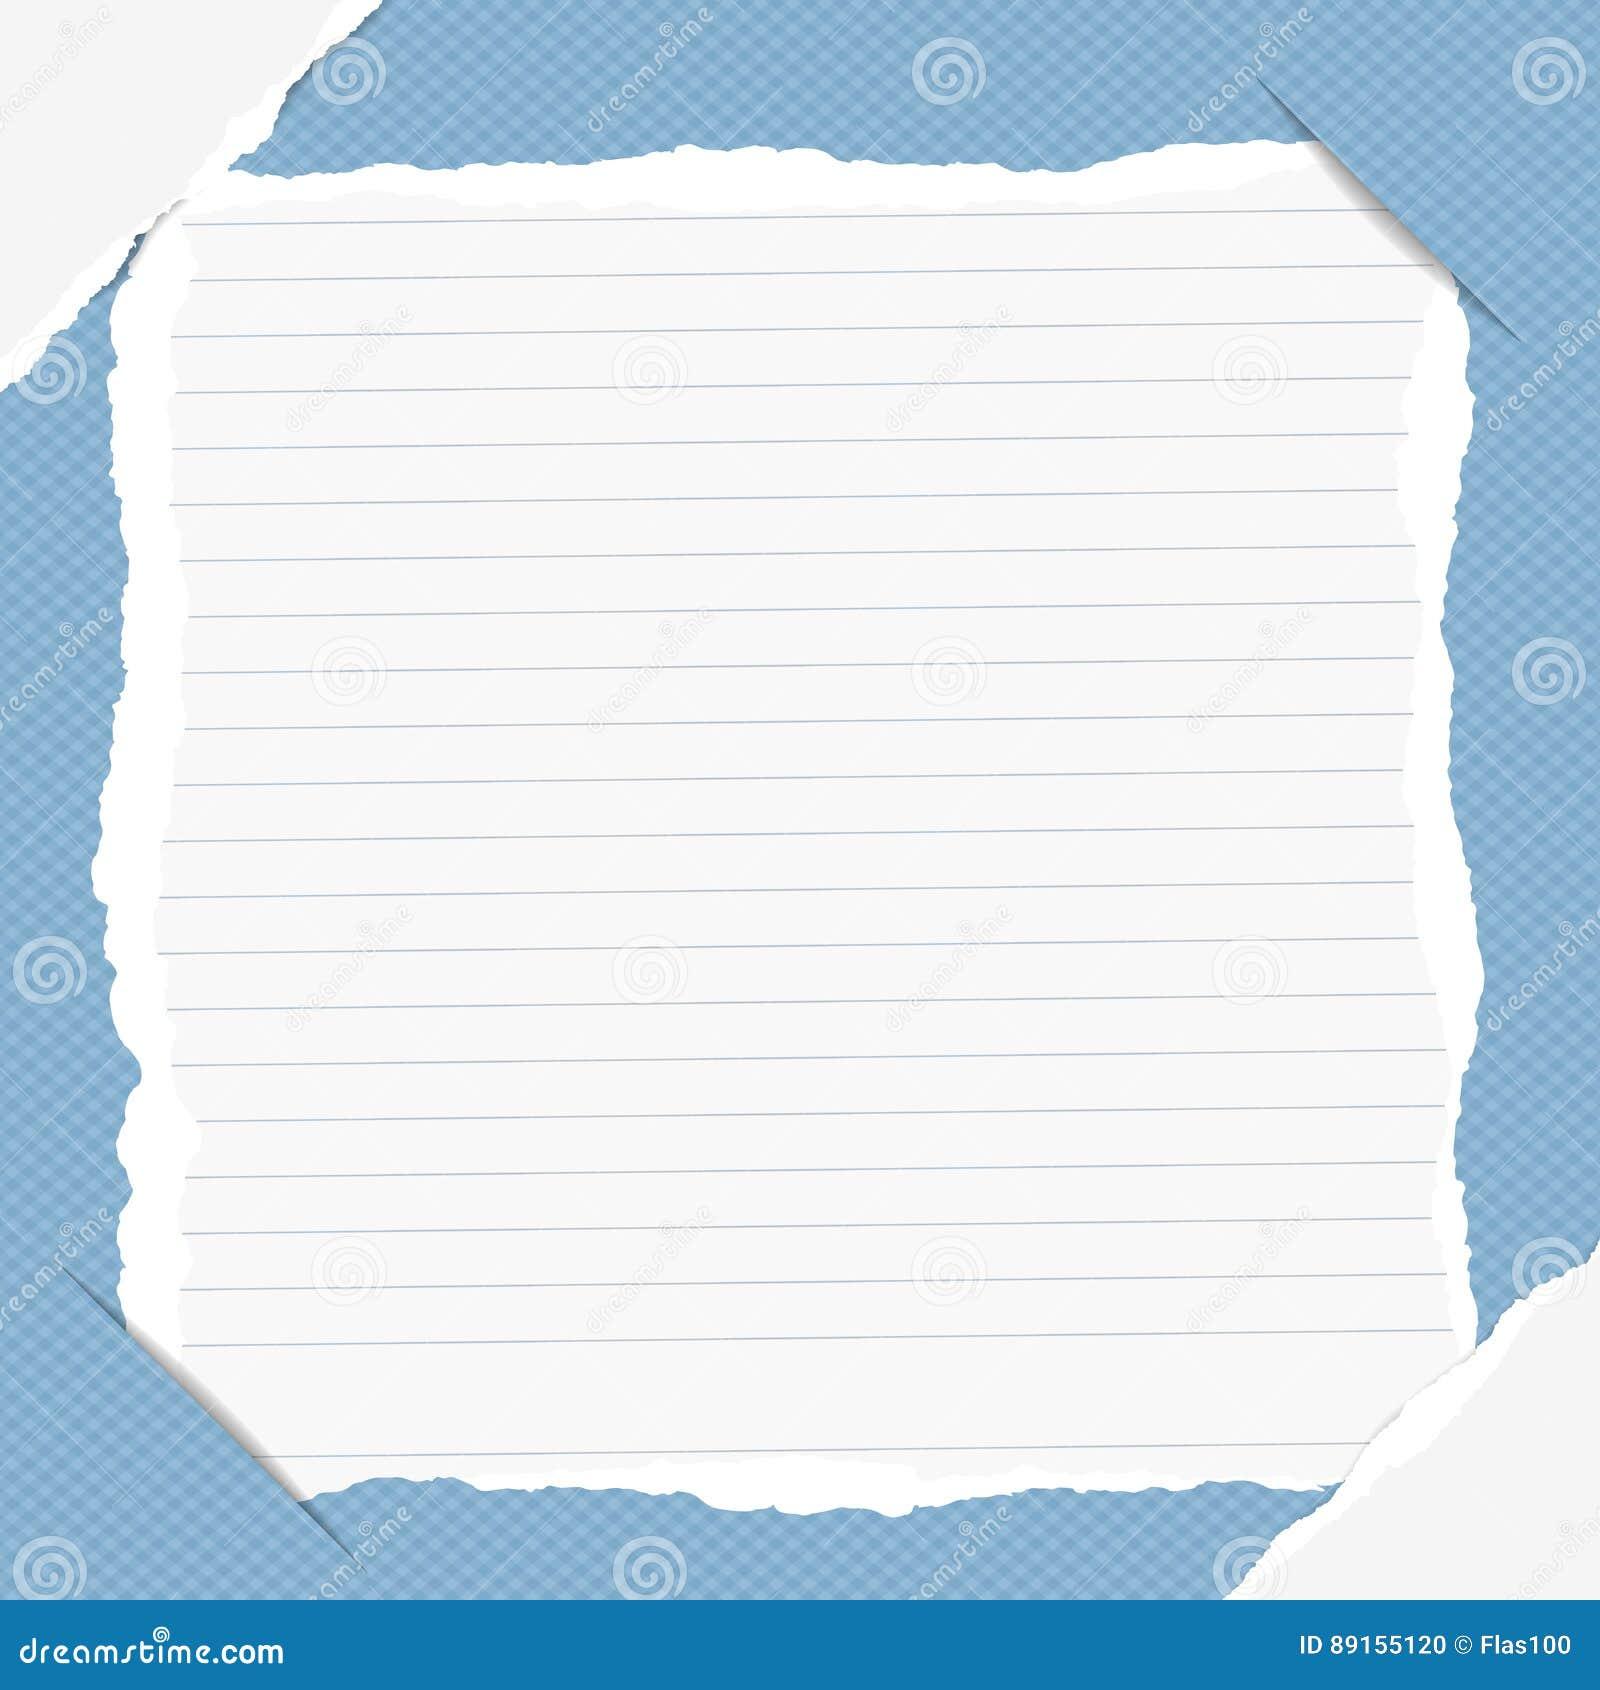 Сорванное управляемое примечание, тетрадь с прописями, лист тетради введенный в голубую приданную квадратную форму предпосылку с